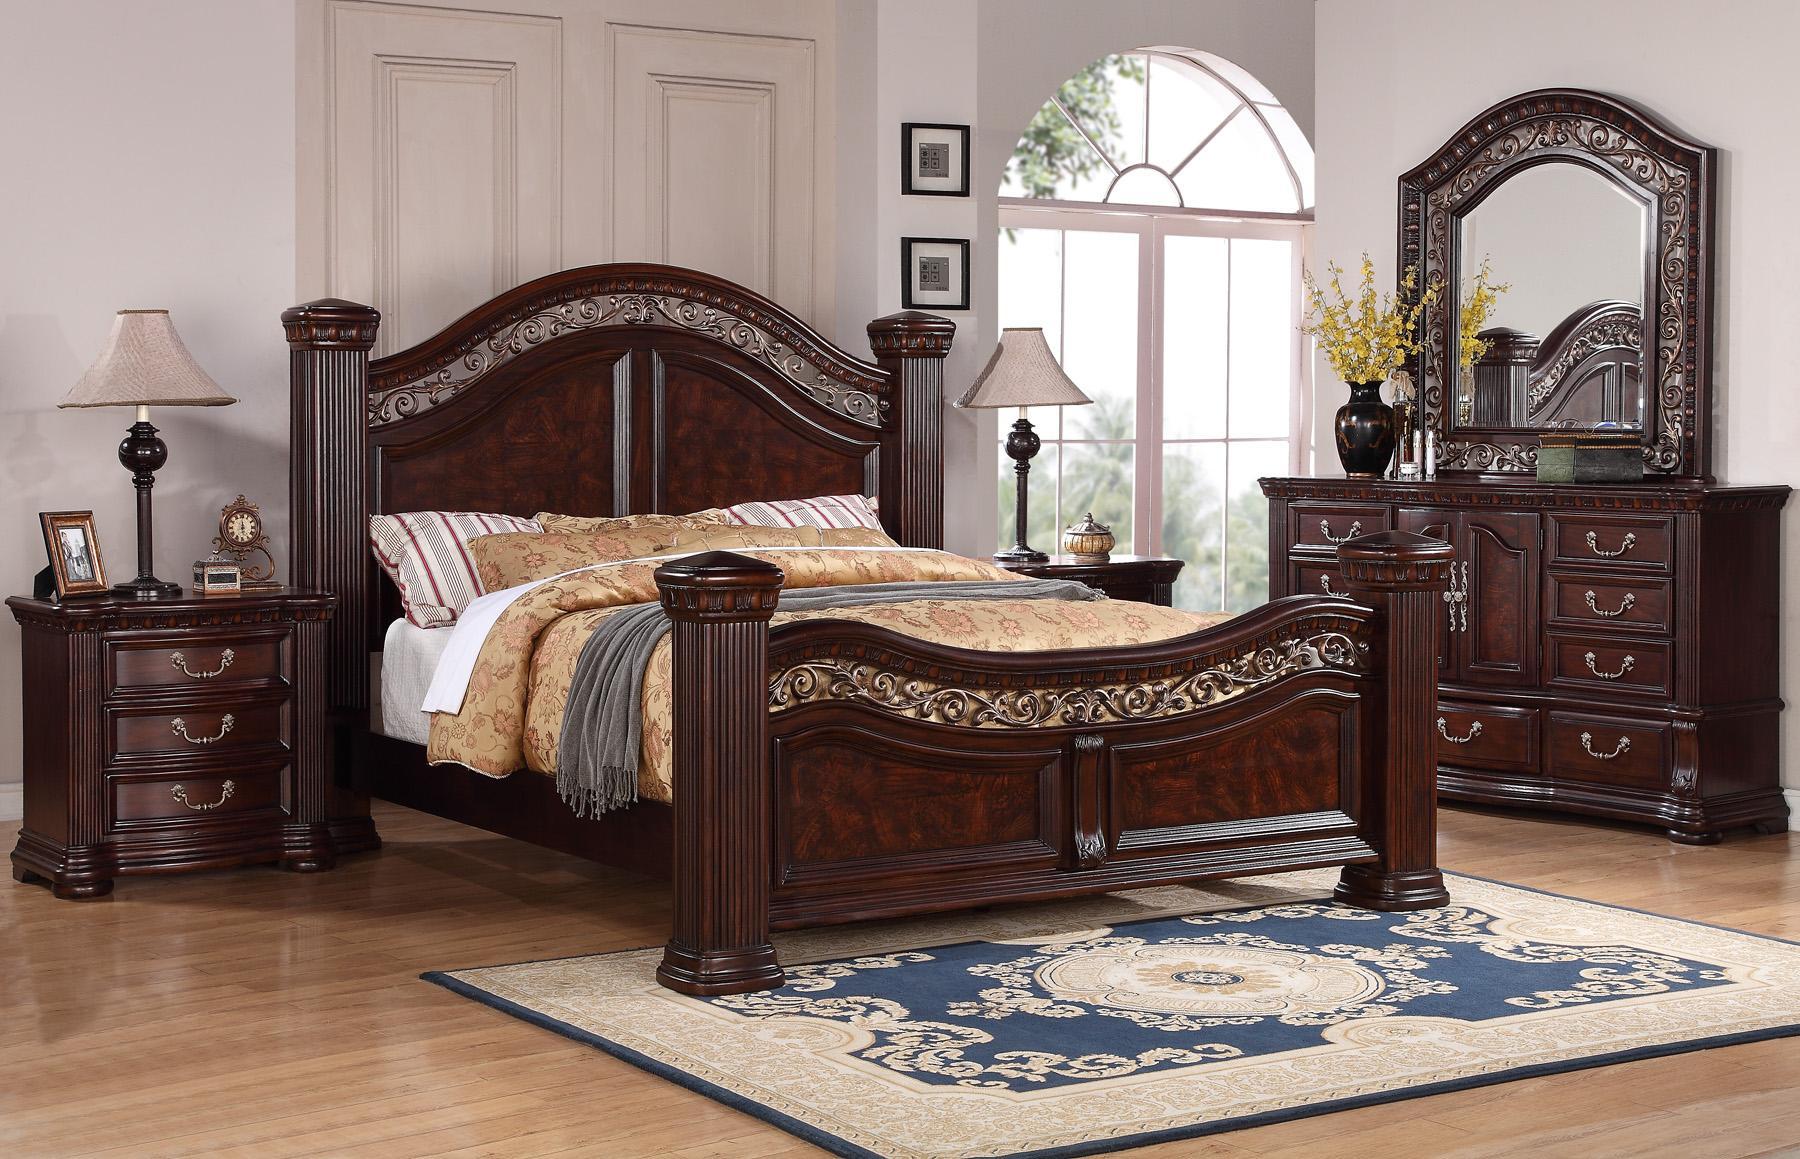 Wynwood bedroom set bedroom furniture our furniture used wynwood king bedroom set price for Wynwood furniture bedroom set cordoba